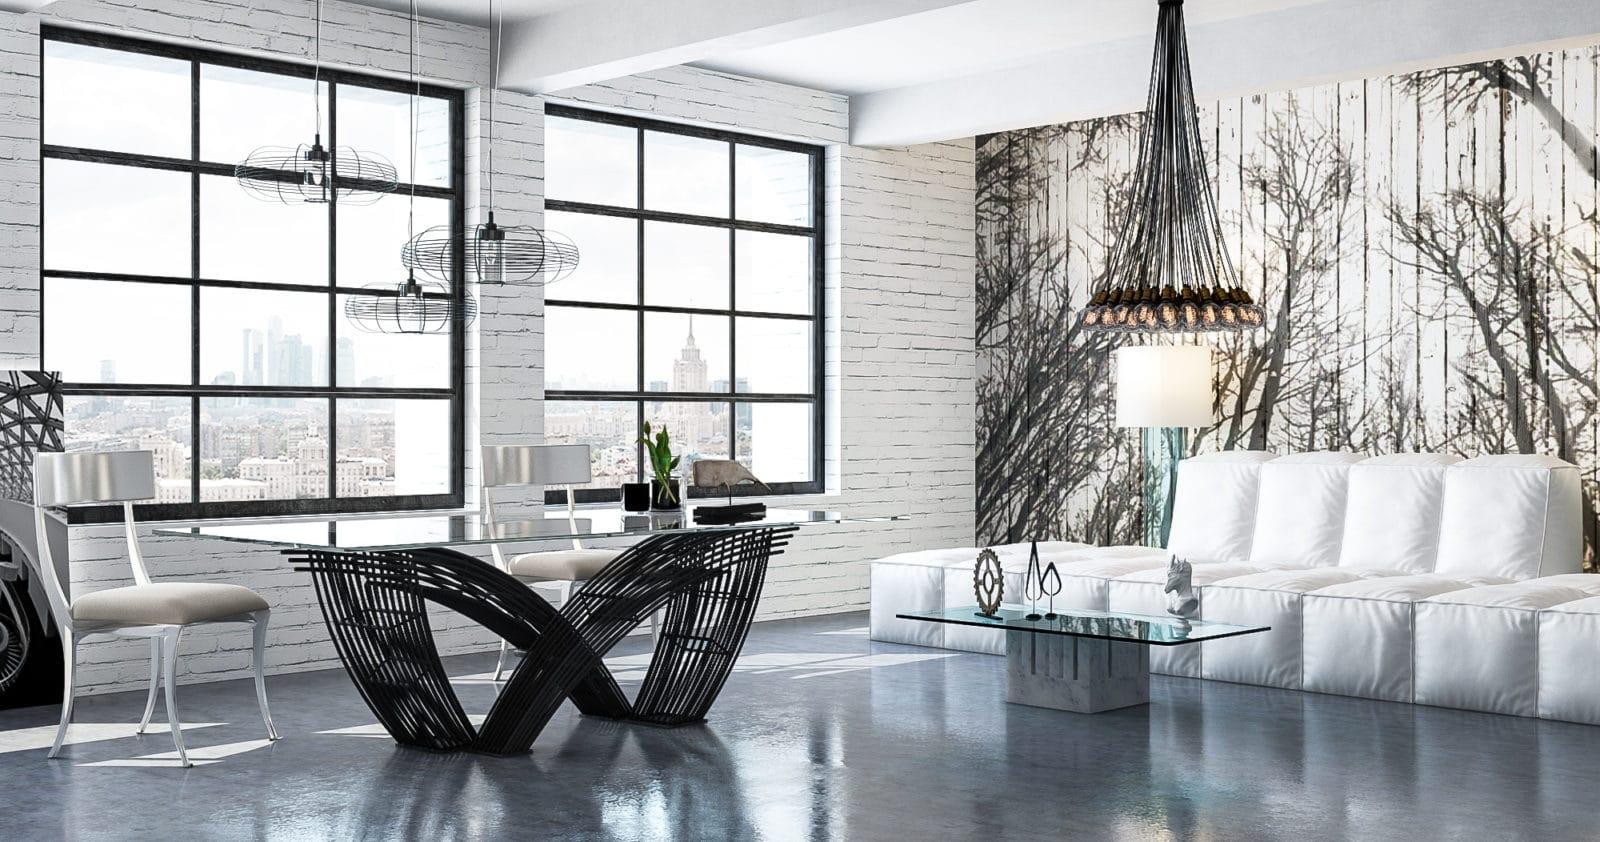 Интерьеры в стиле лофт в маленькой квартире выглядят просторными: секреты дизайна на фото однокомнатных и студий, какой нужен потолок и как увеличить пространство